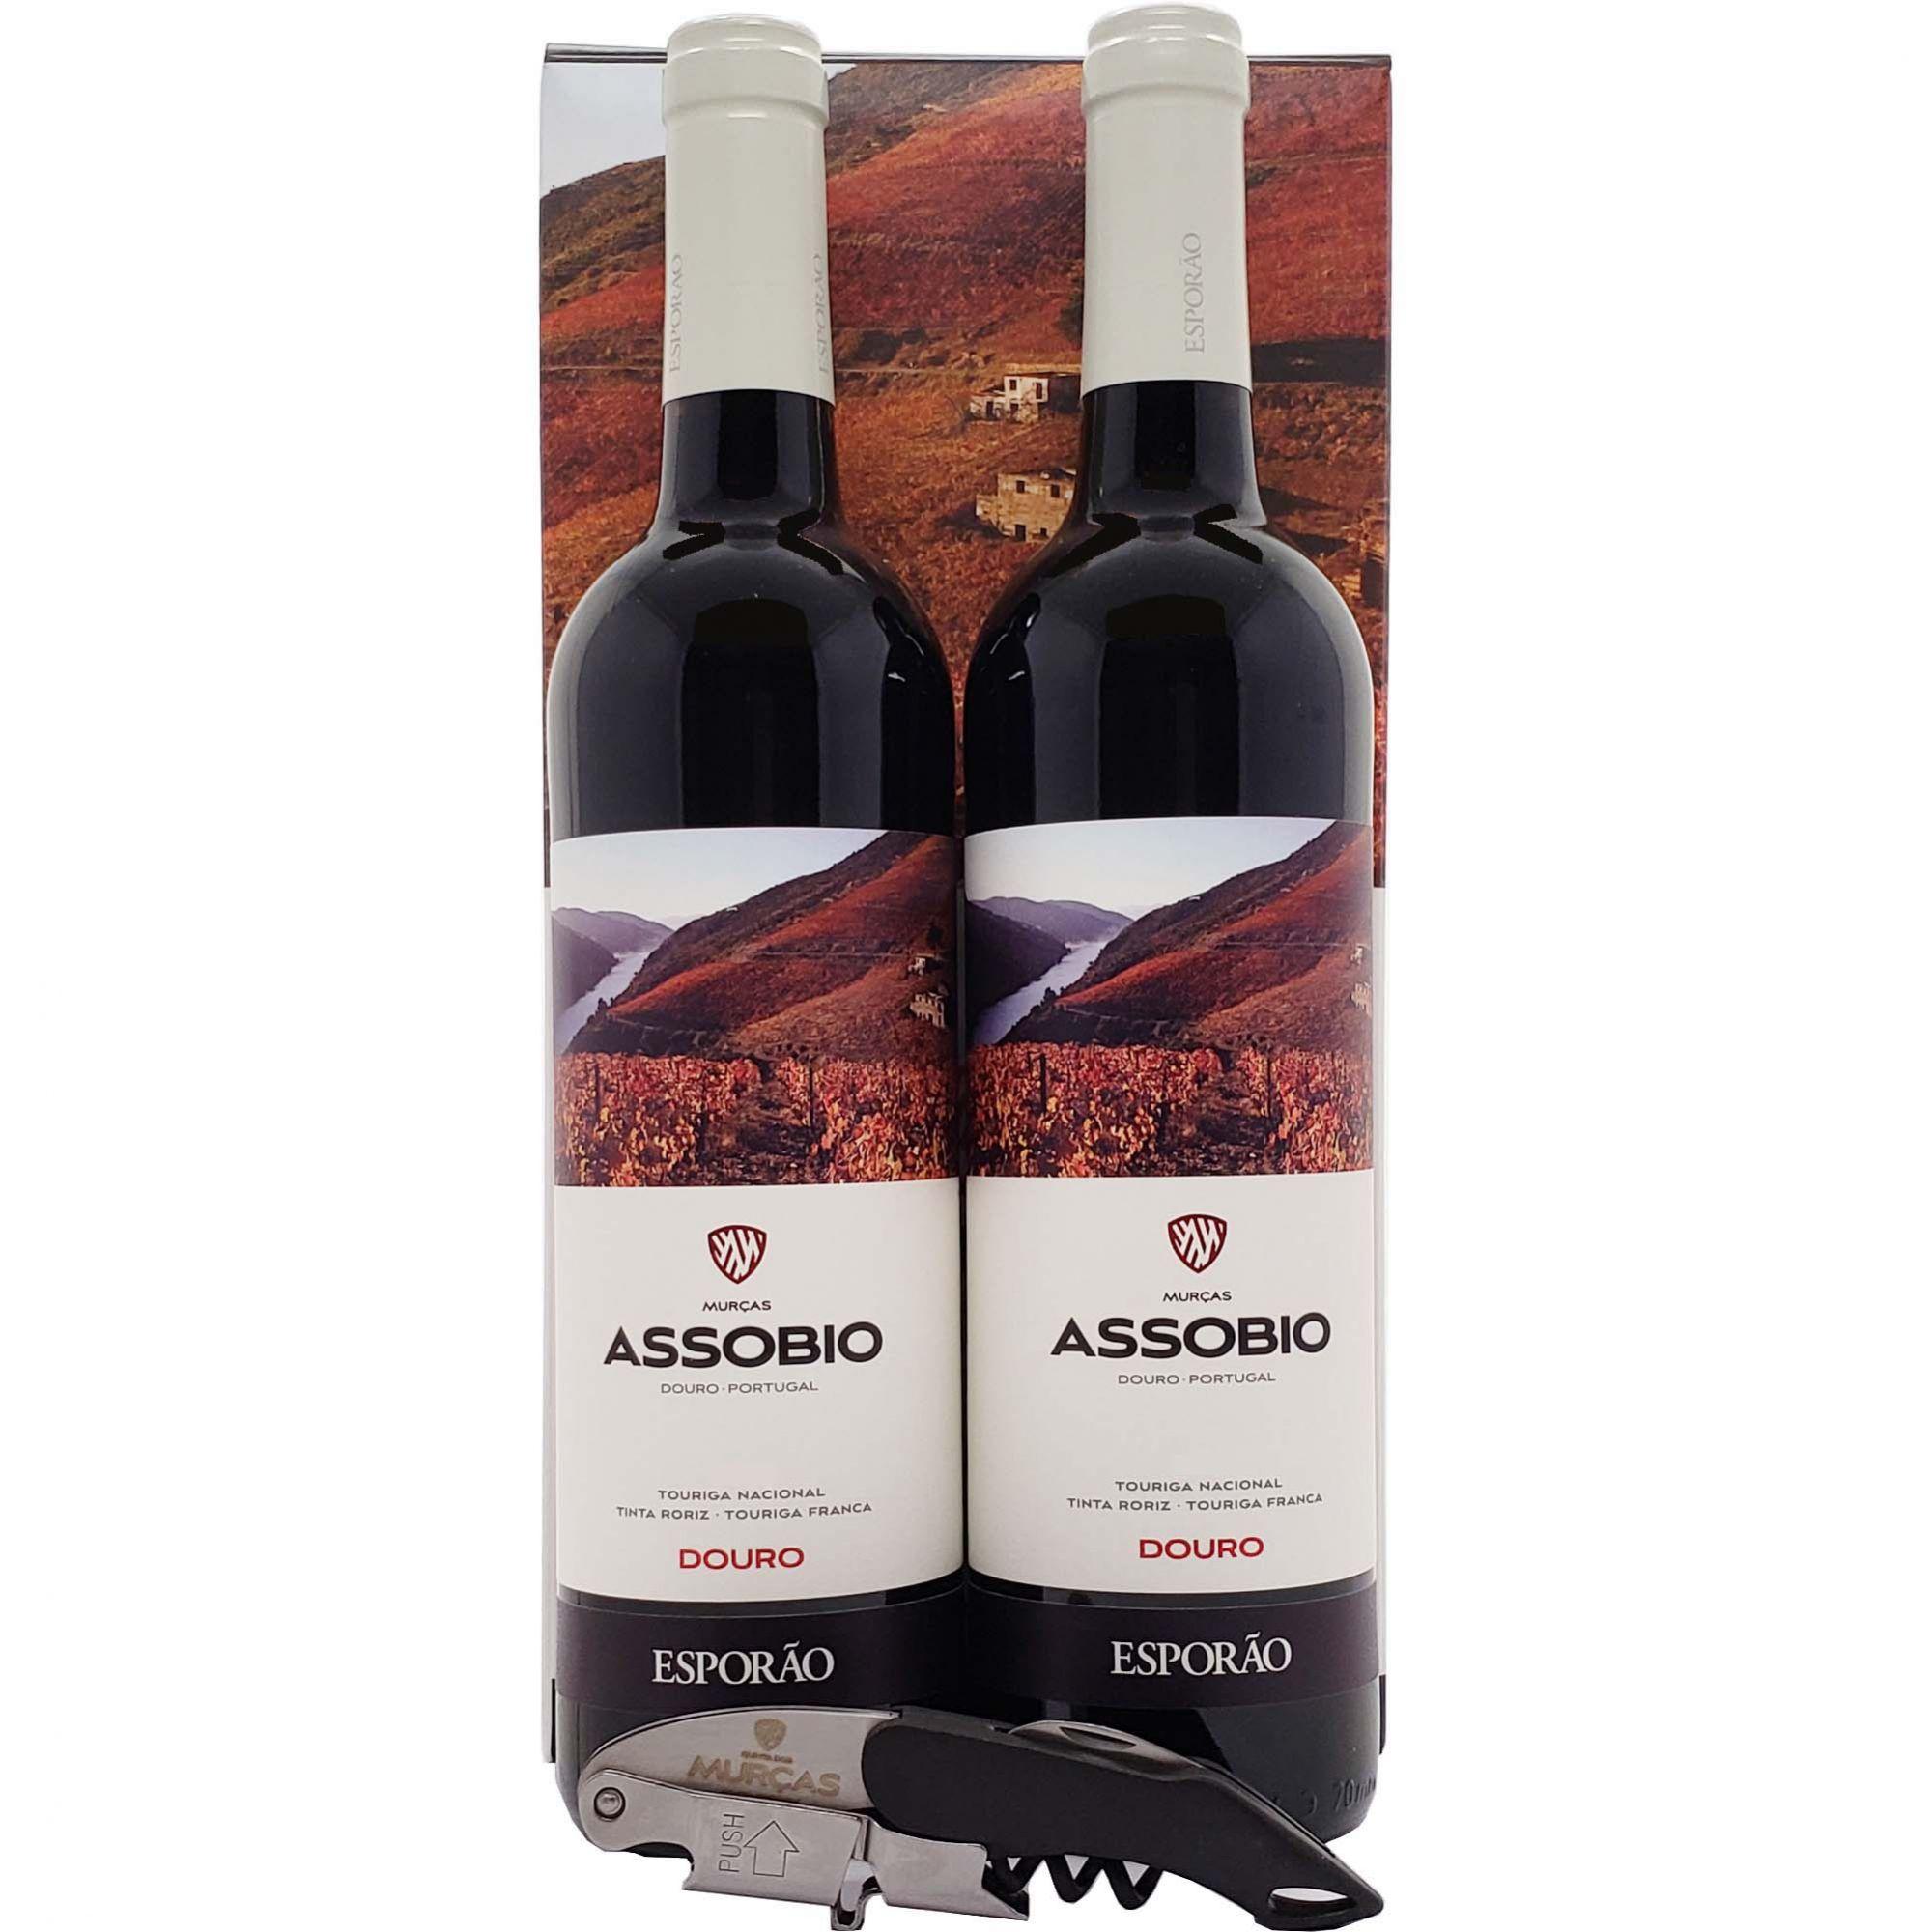 Kit Vinho Tinto Murças Assobio 02 Garrafas 750ml + Saca Rolhas